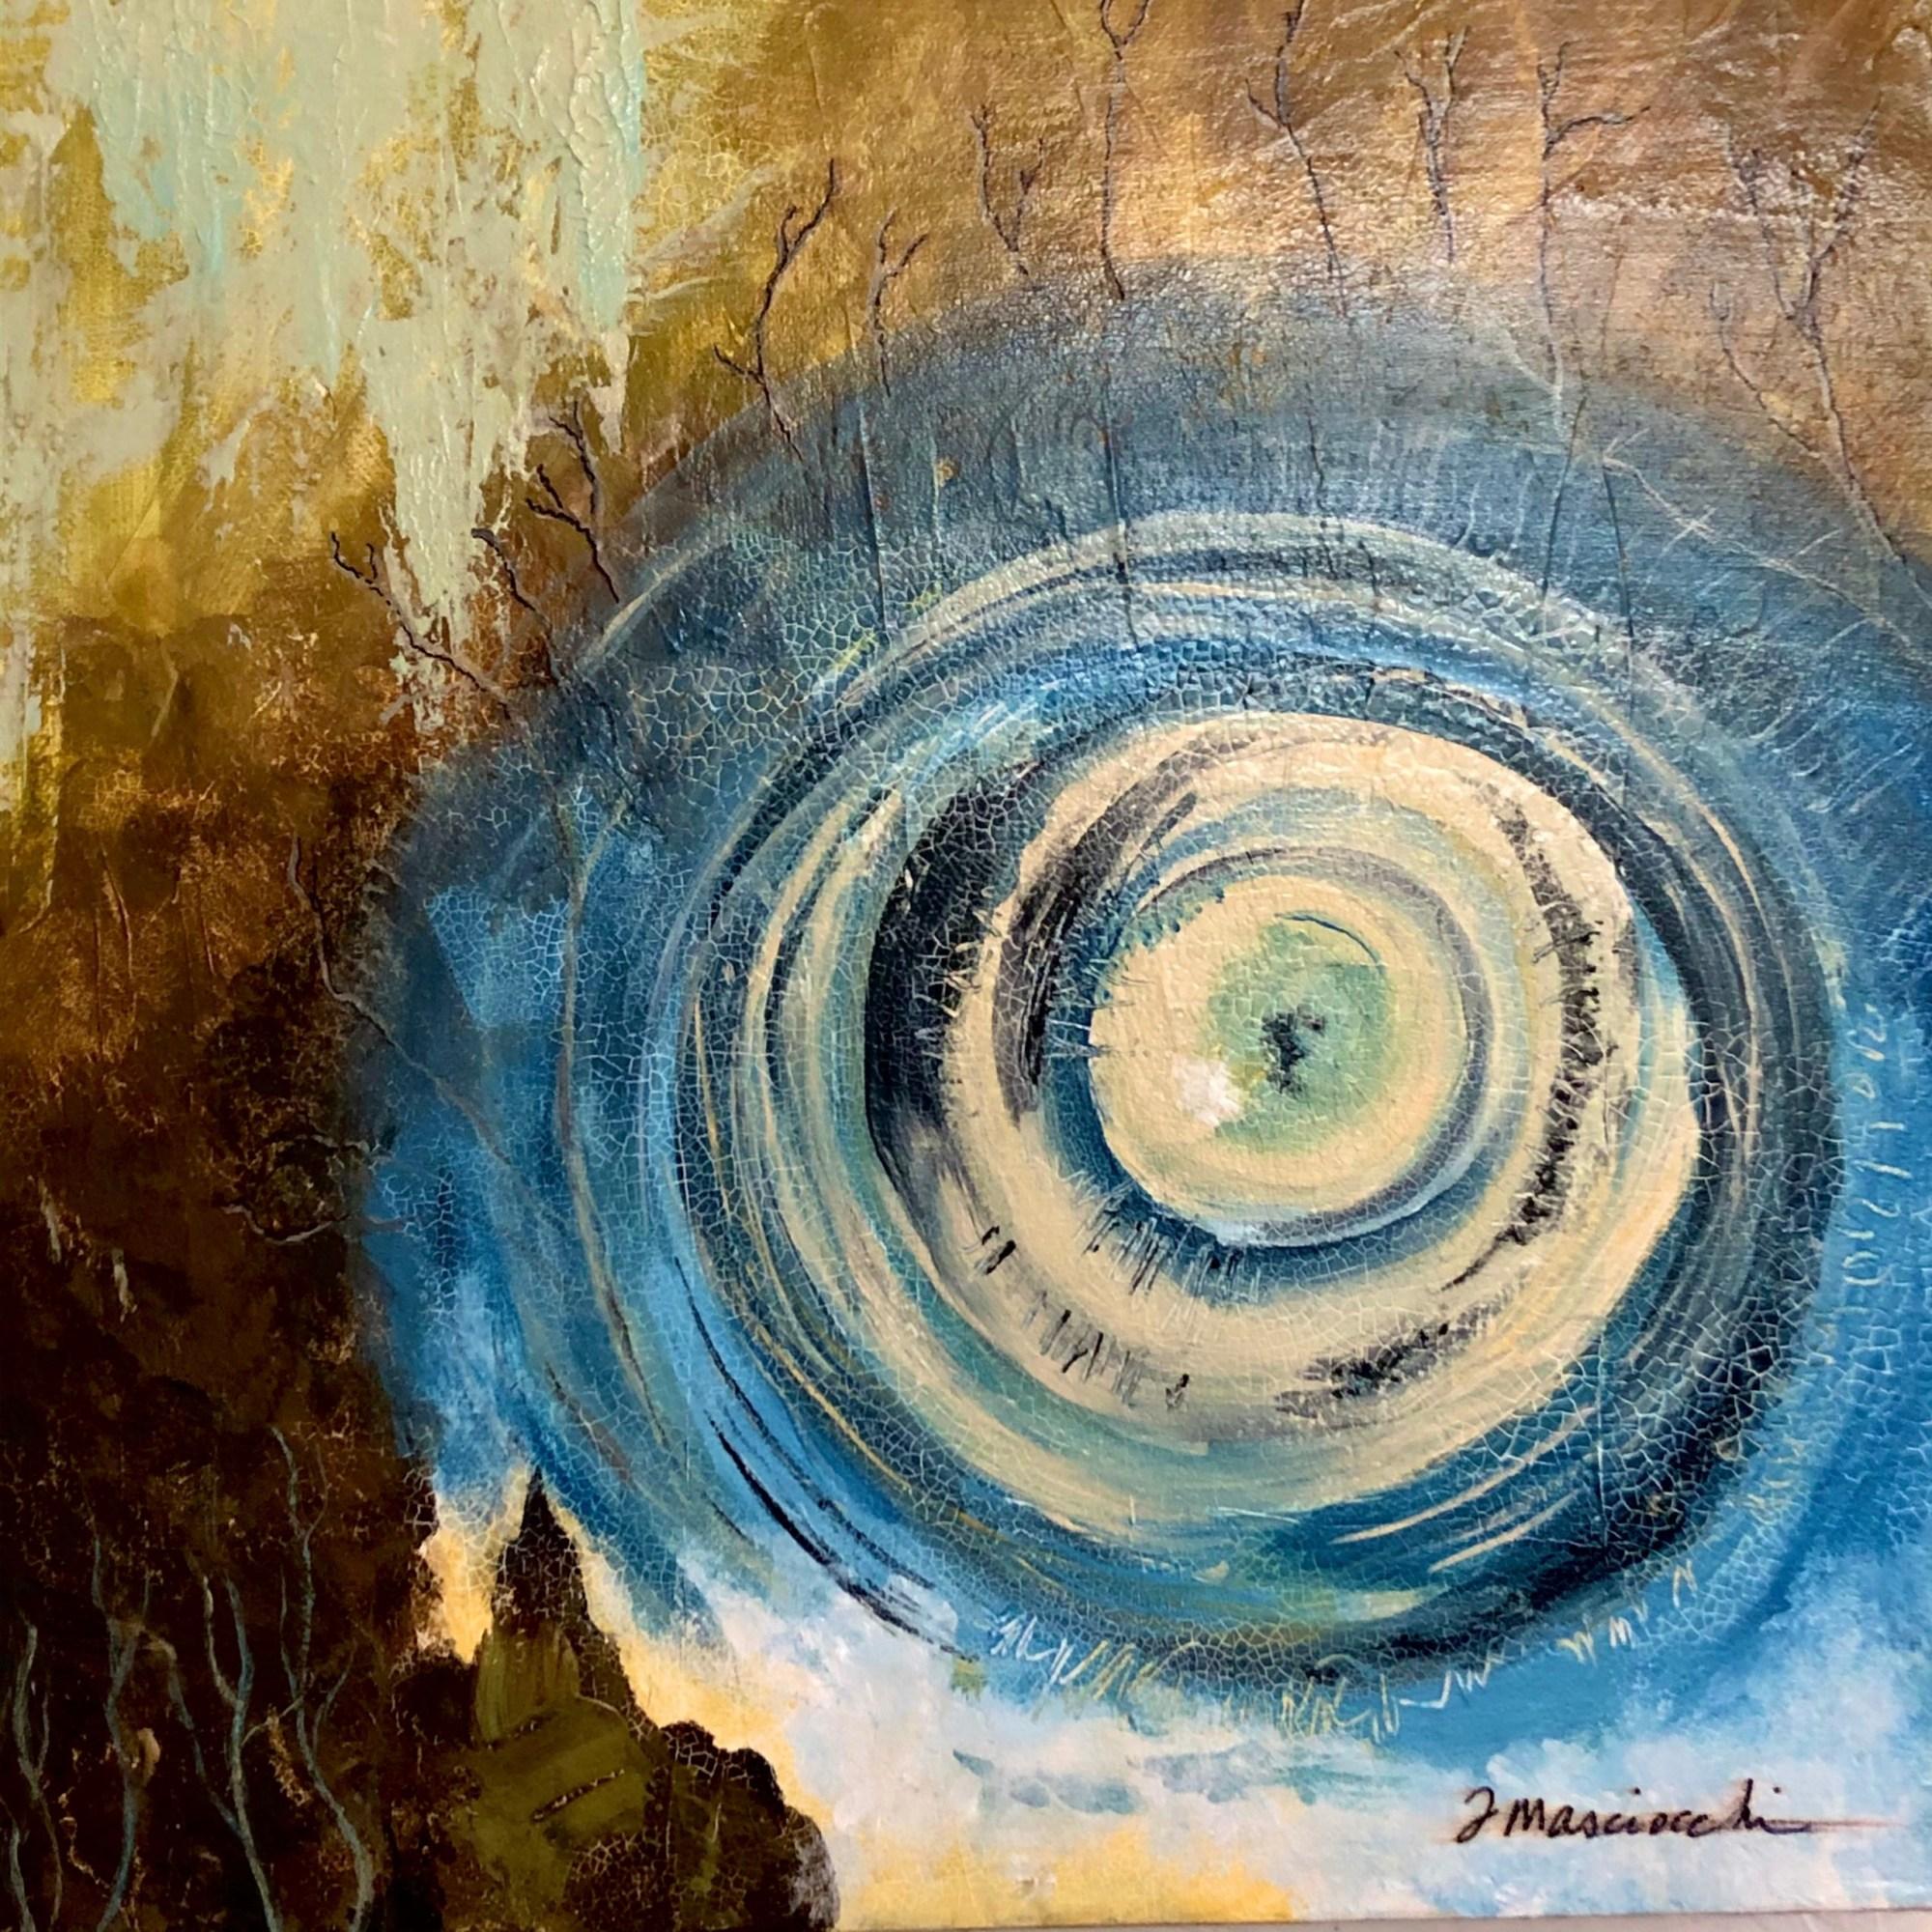 Eye of The Sahara - Tina Masciocchi